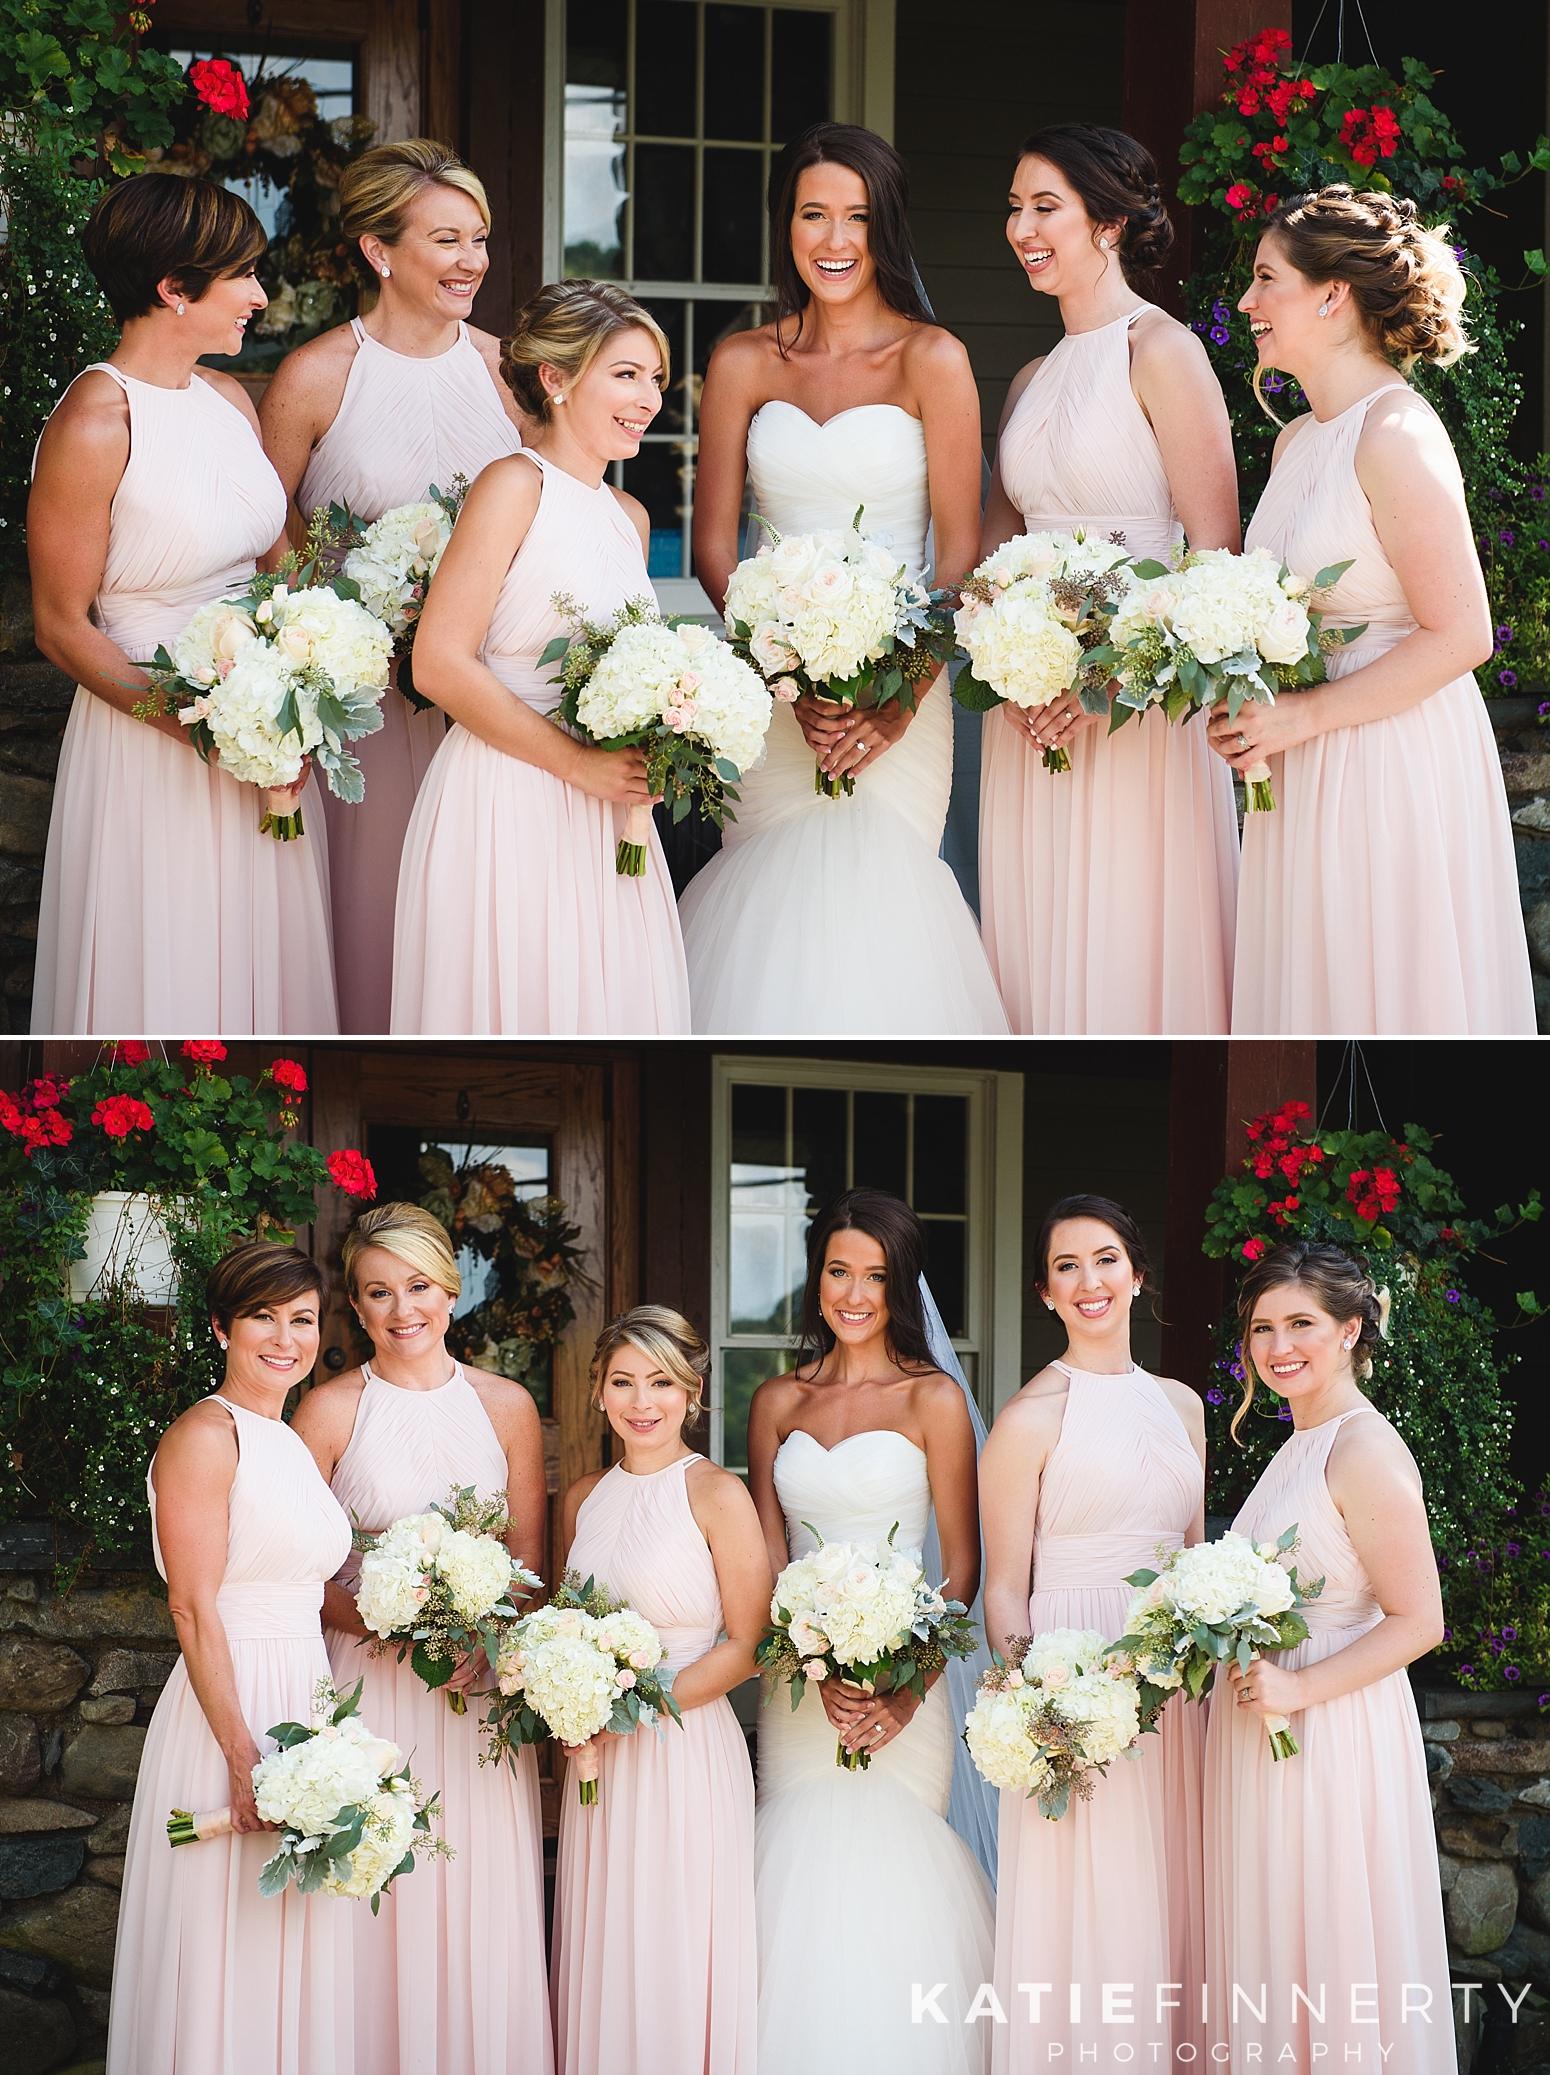 Crooked Lake House Wedding Photography